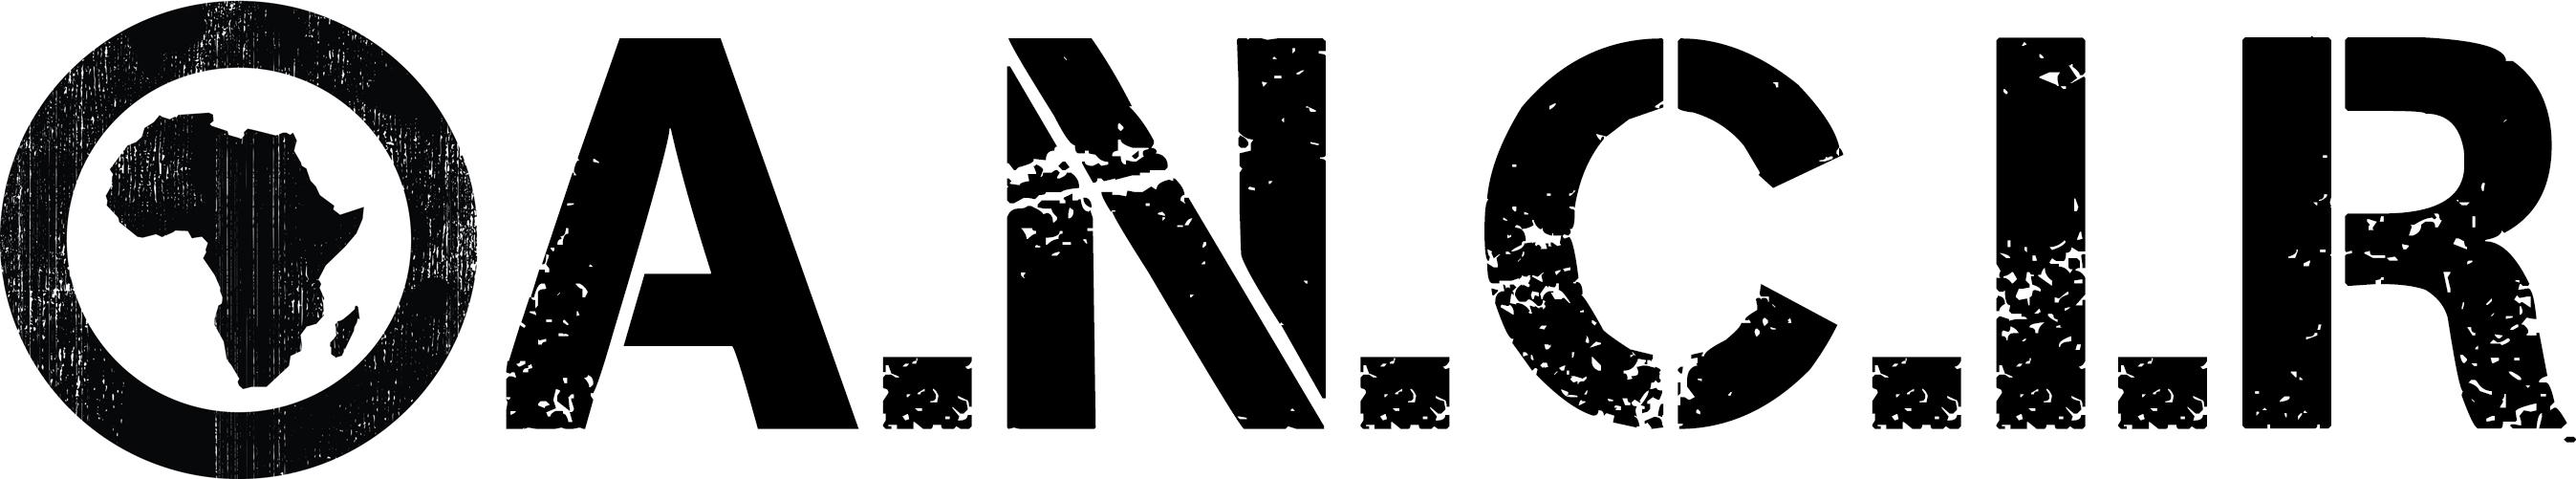 ANCIR logo